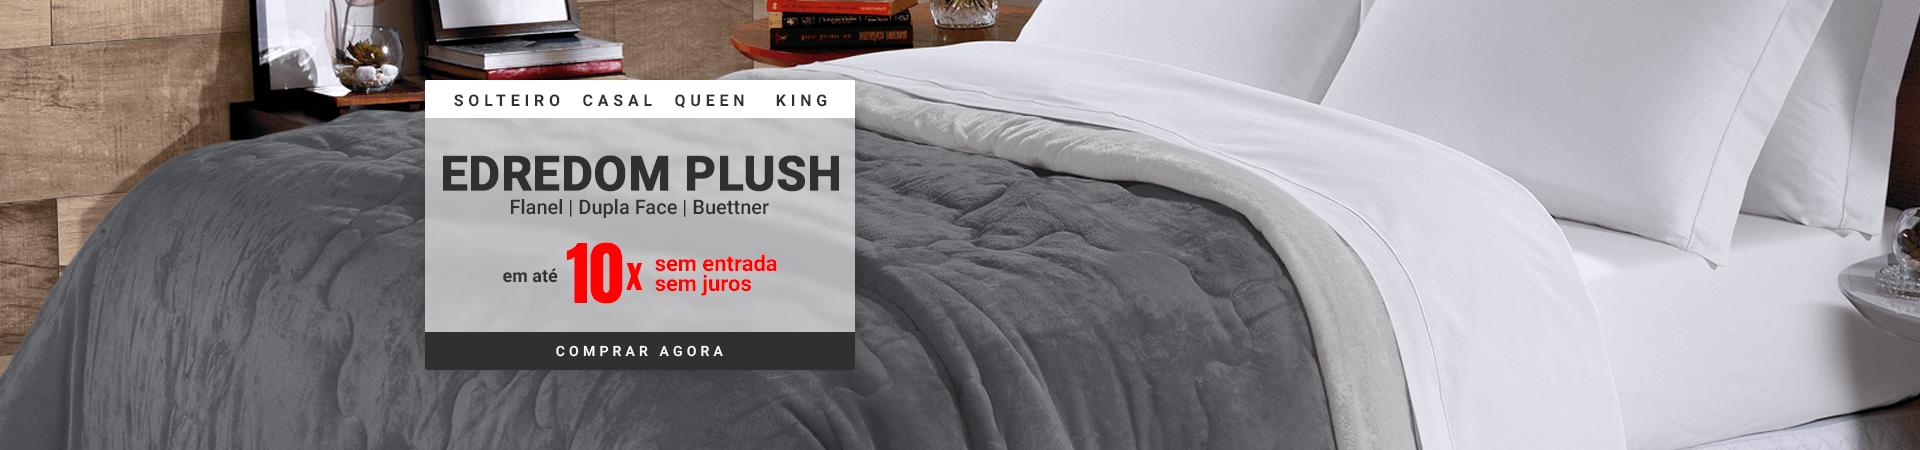 Edredom Plush Flanel Dupla Face Buettner - Solteiro, Casal, Queen e King >> Loja Buettner | Comprar Agora!